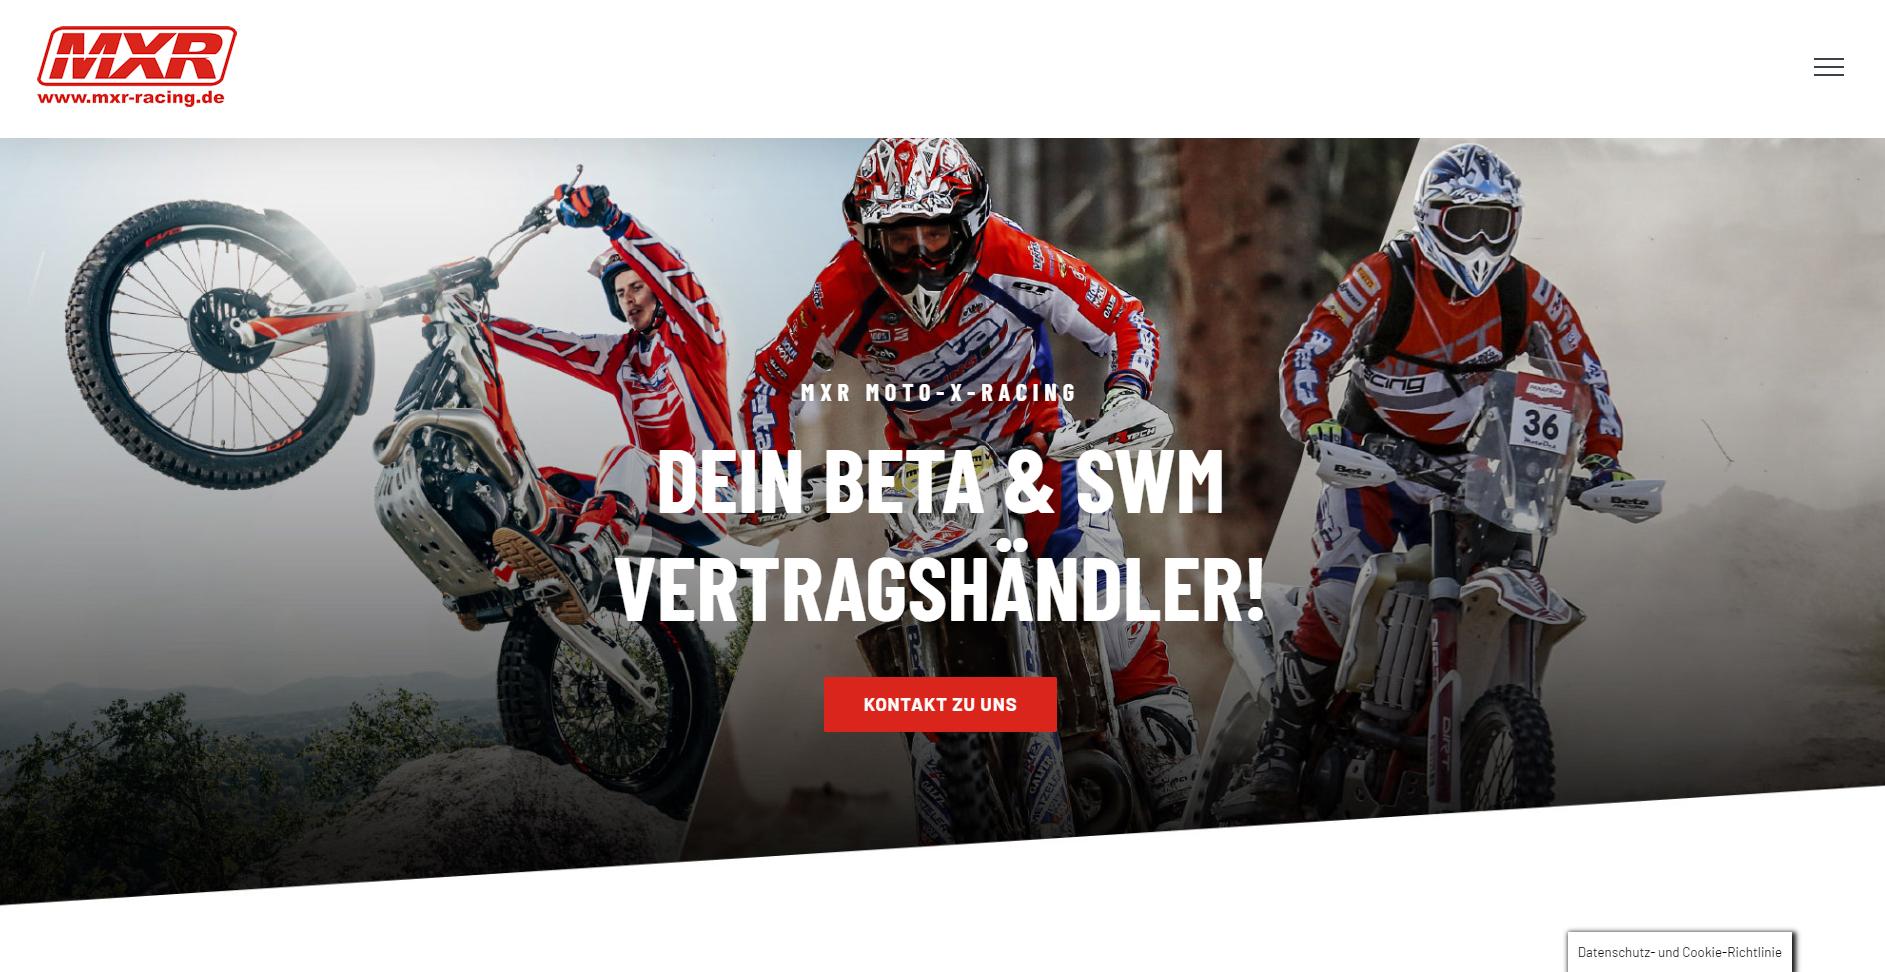 (c) Mxr-racing.de